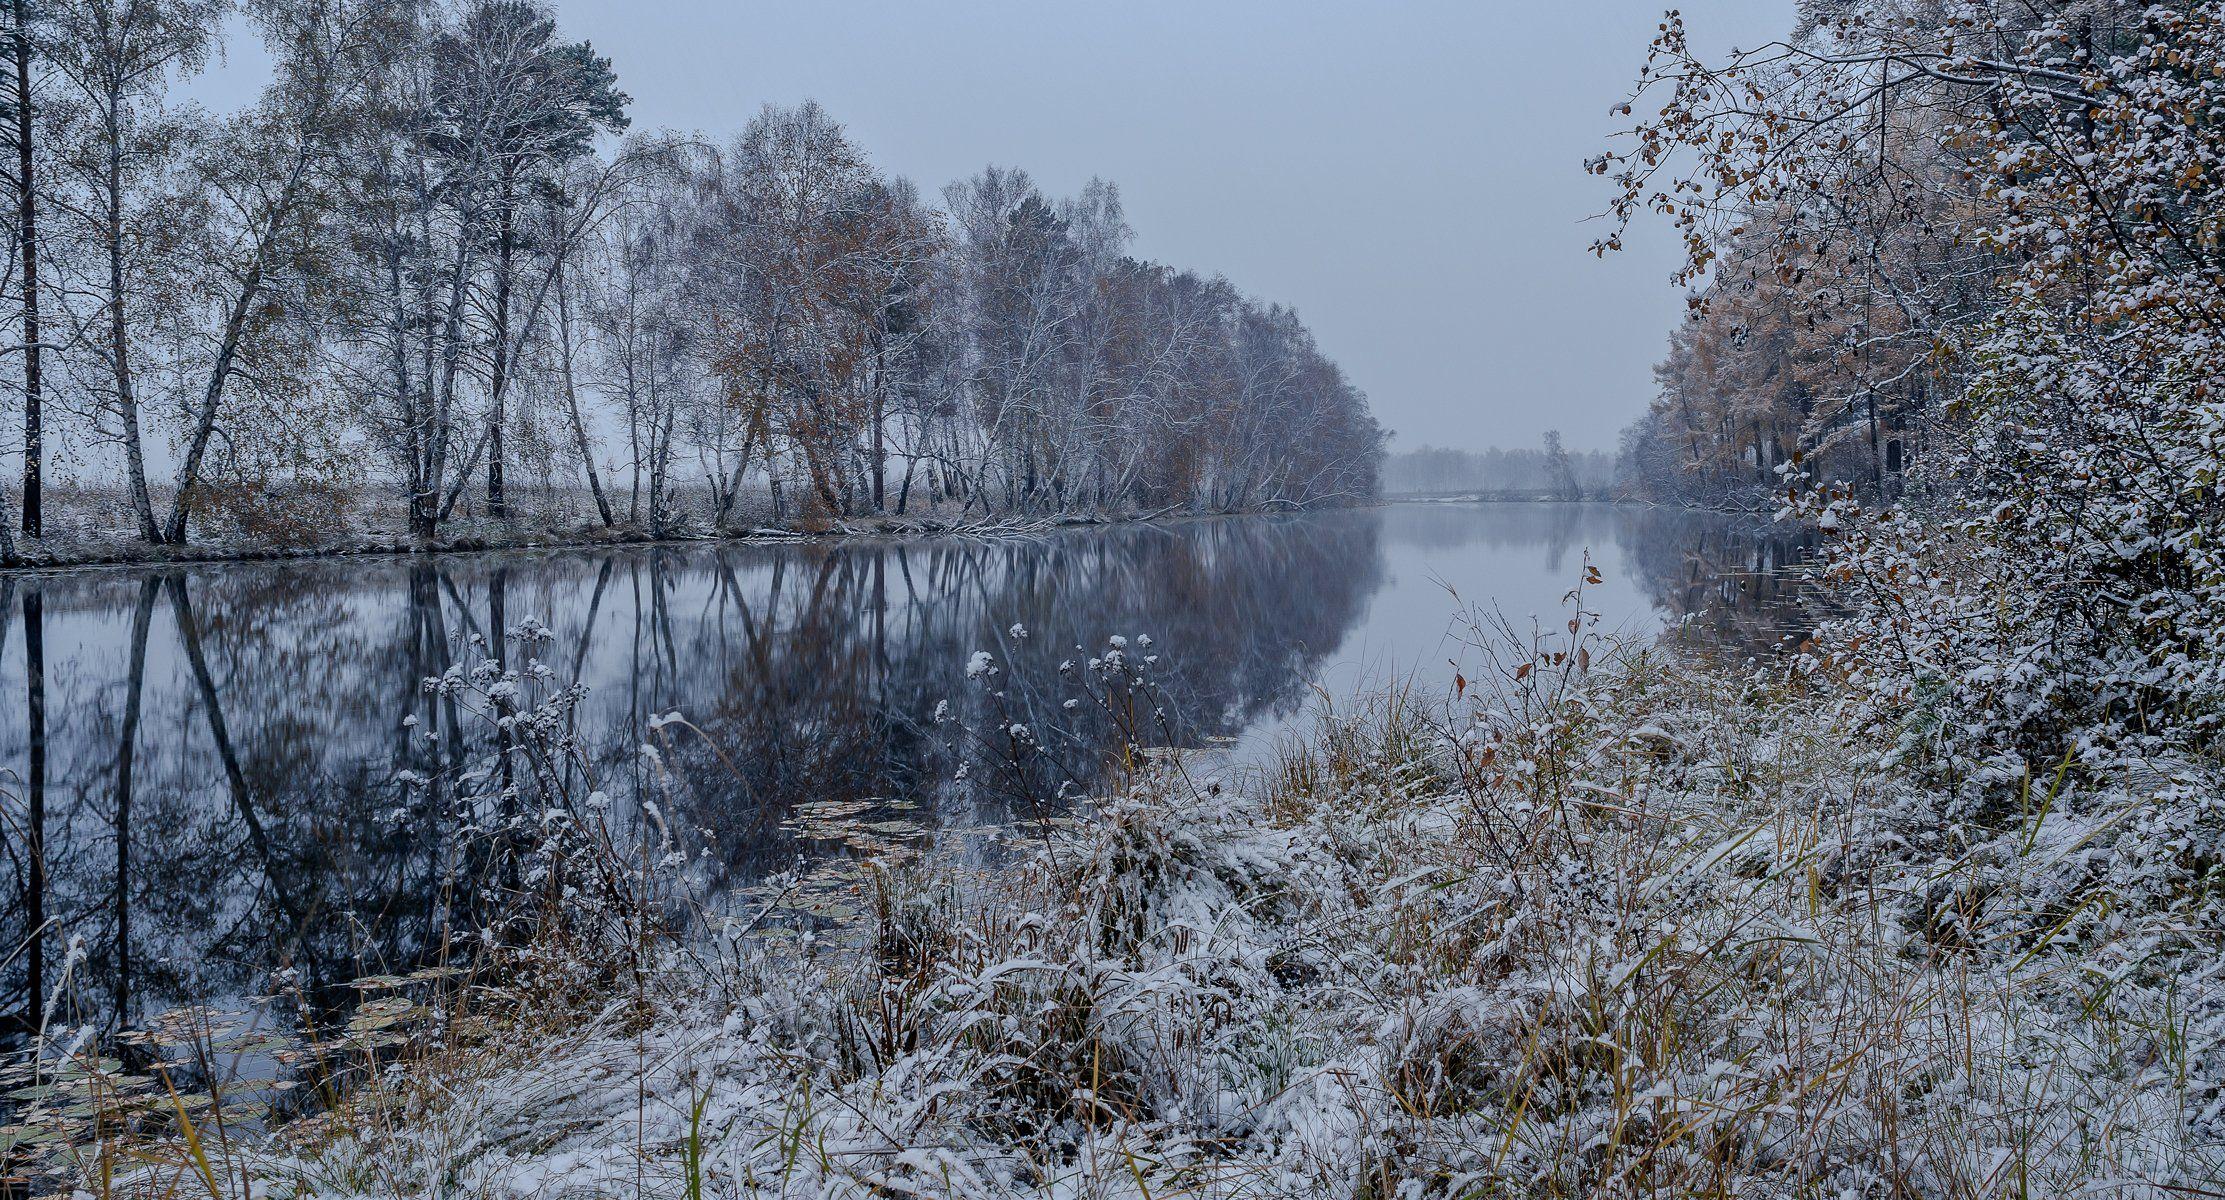 осень,снег,берег озера, деревья отражаются в холодной воде,, Сергей